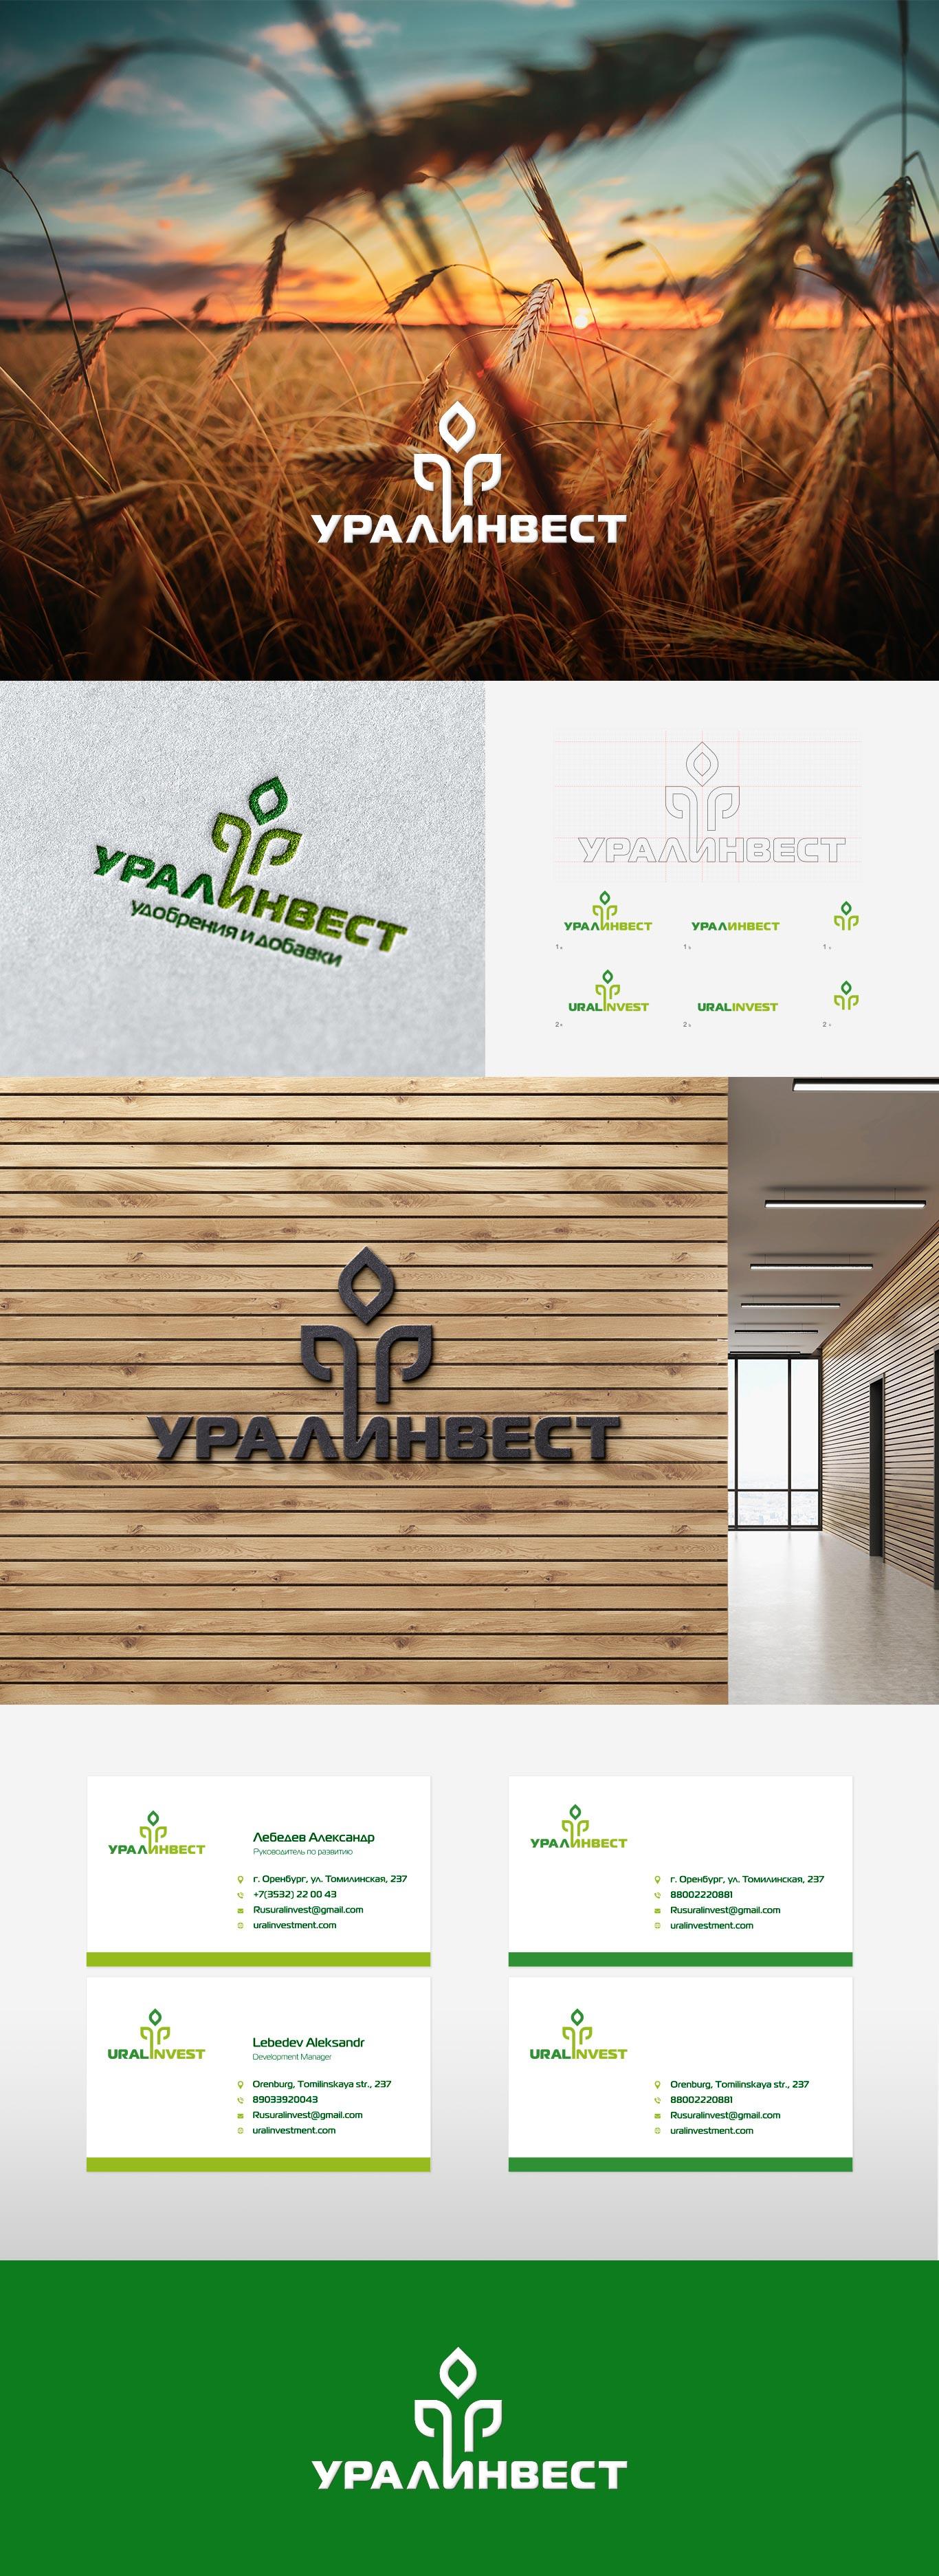 Ural-Invest